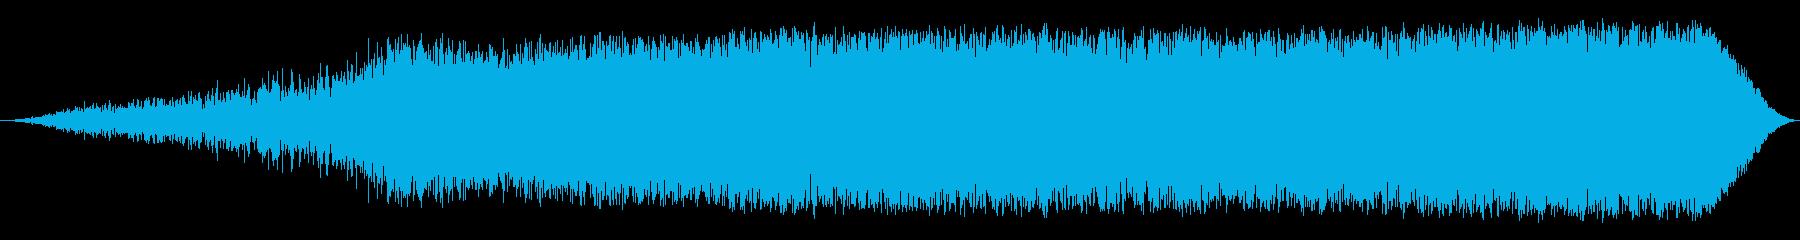 ジェット 飛行機 ボーイング737...の再生済みの波形